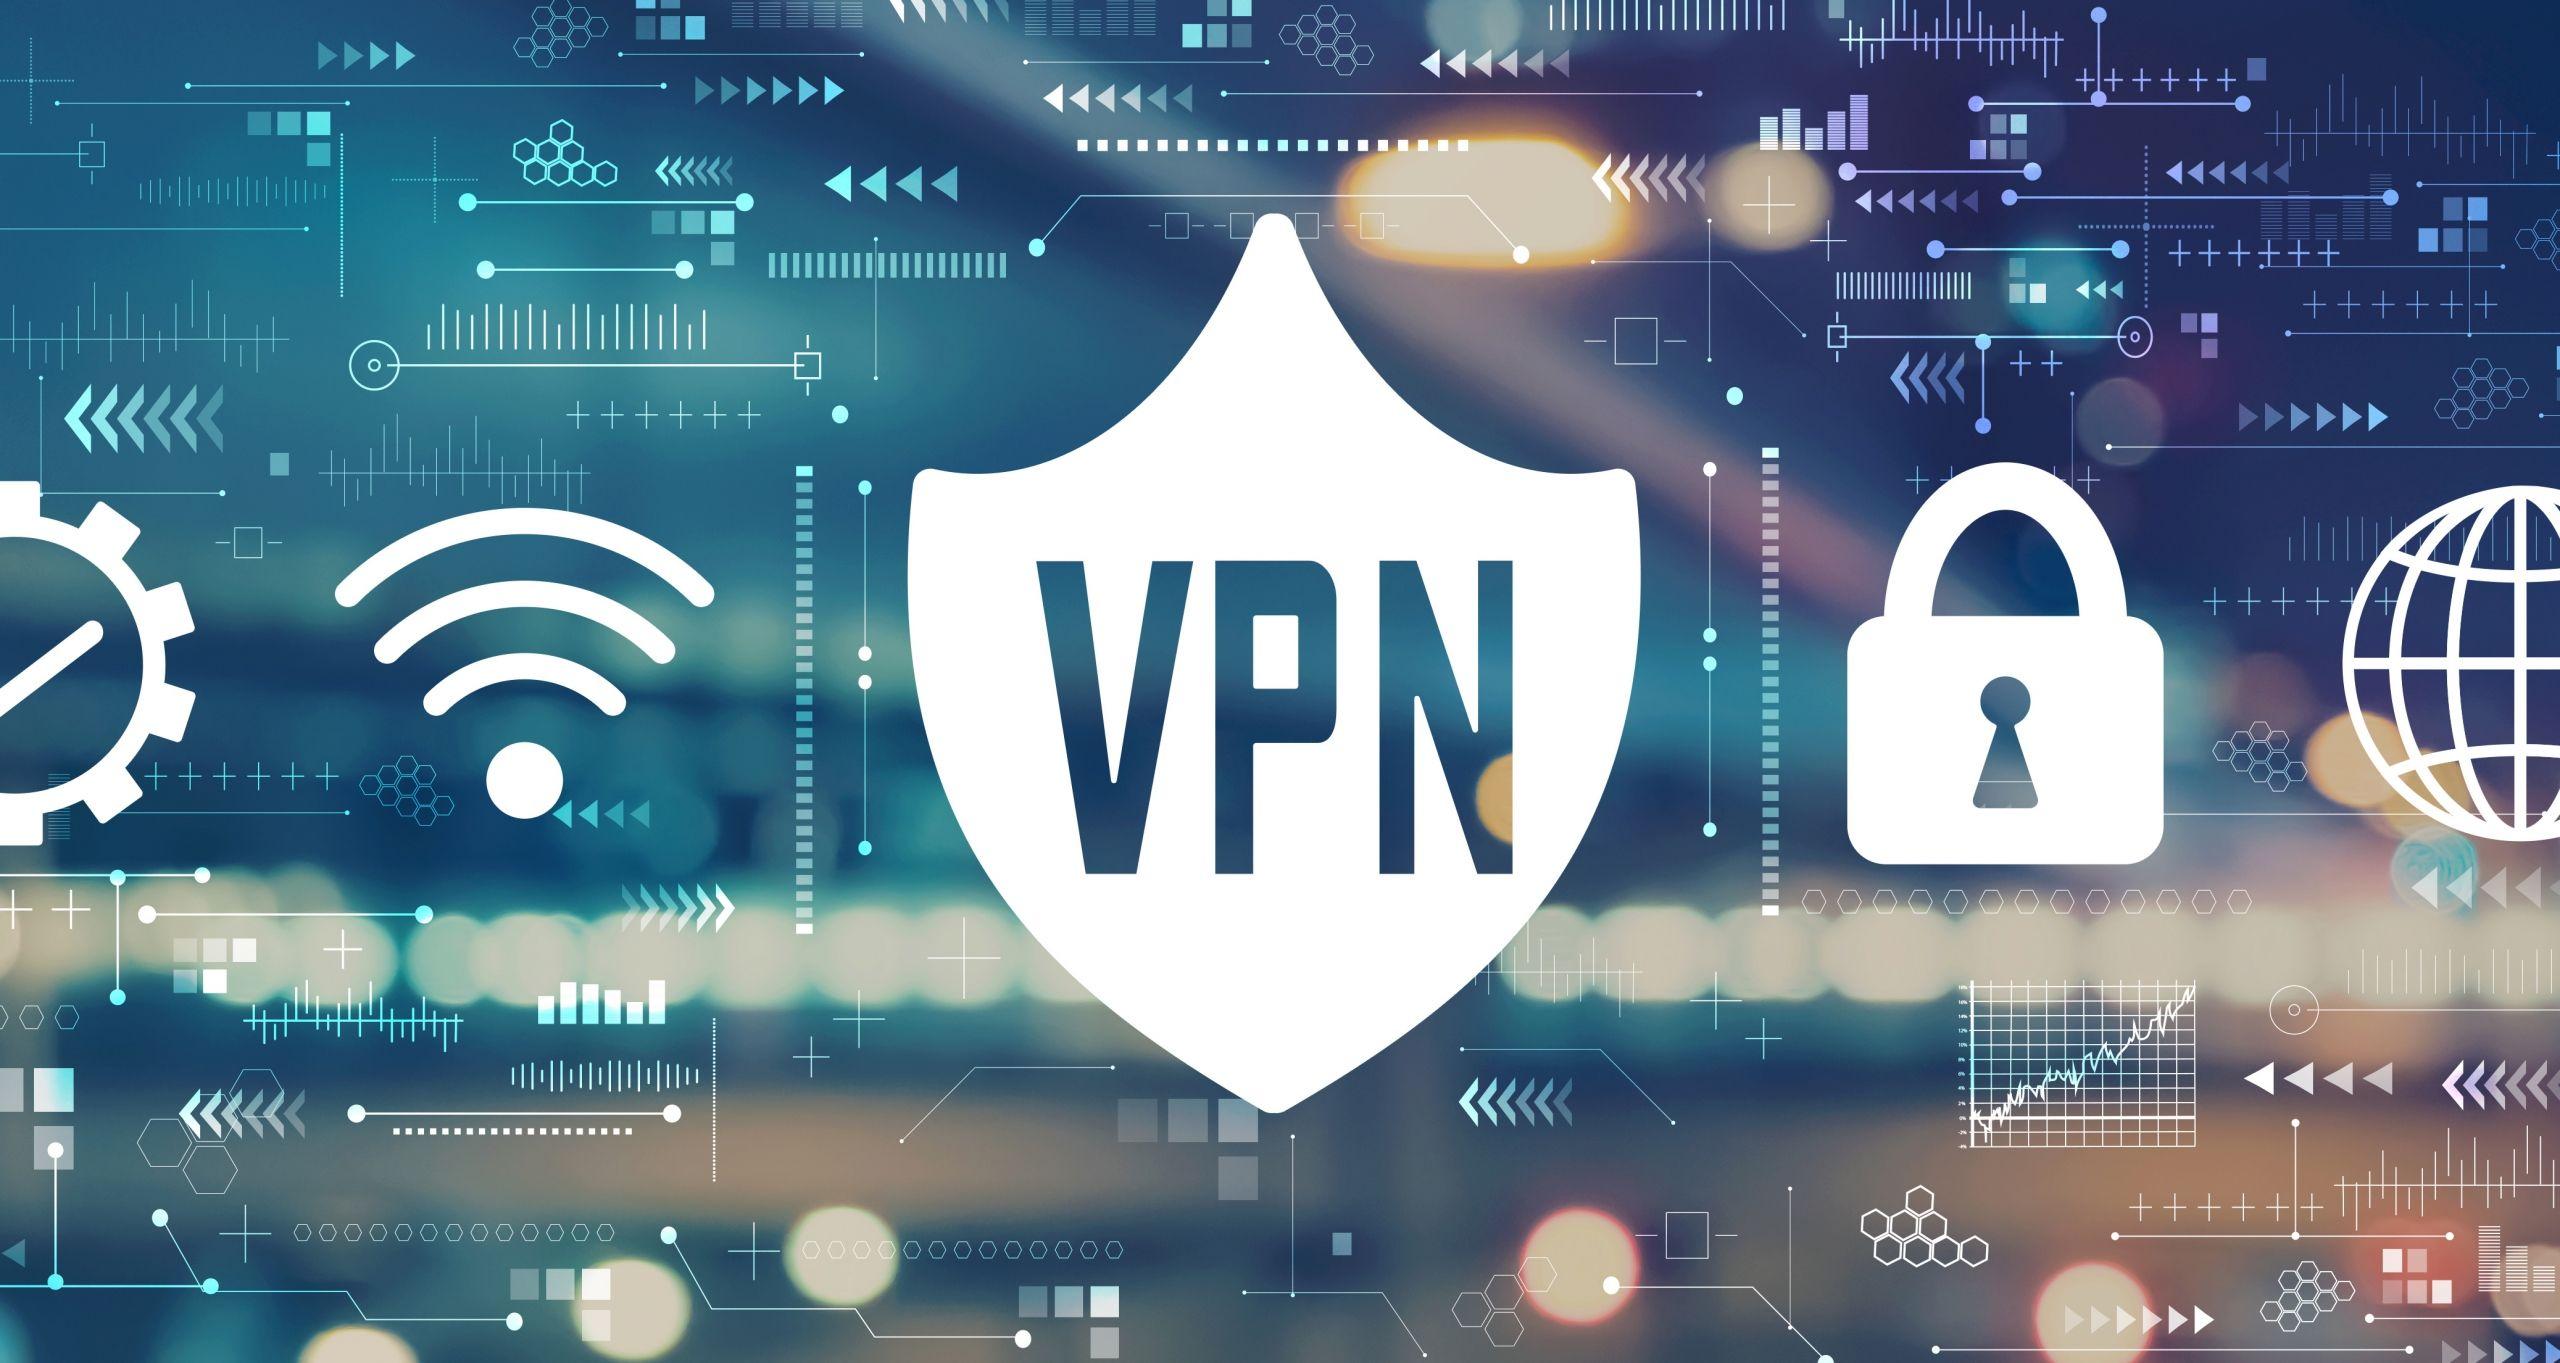 Cómo configurar una VPN en Windows 10